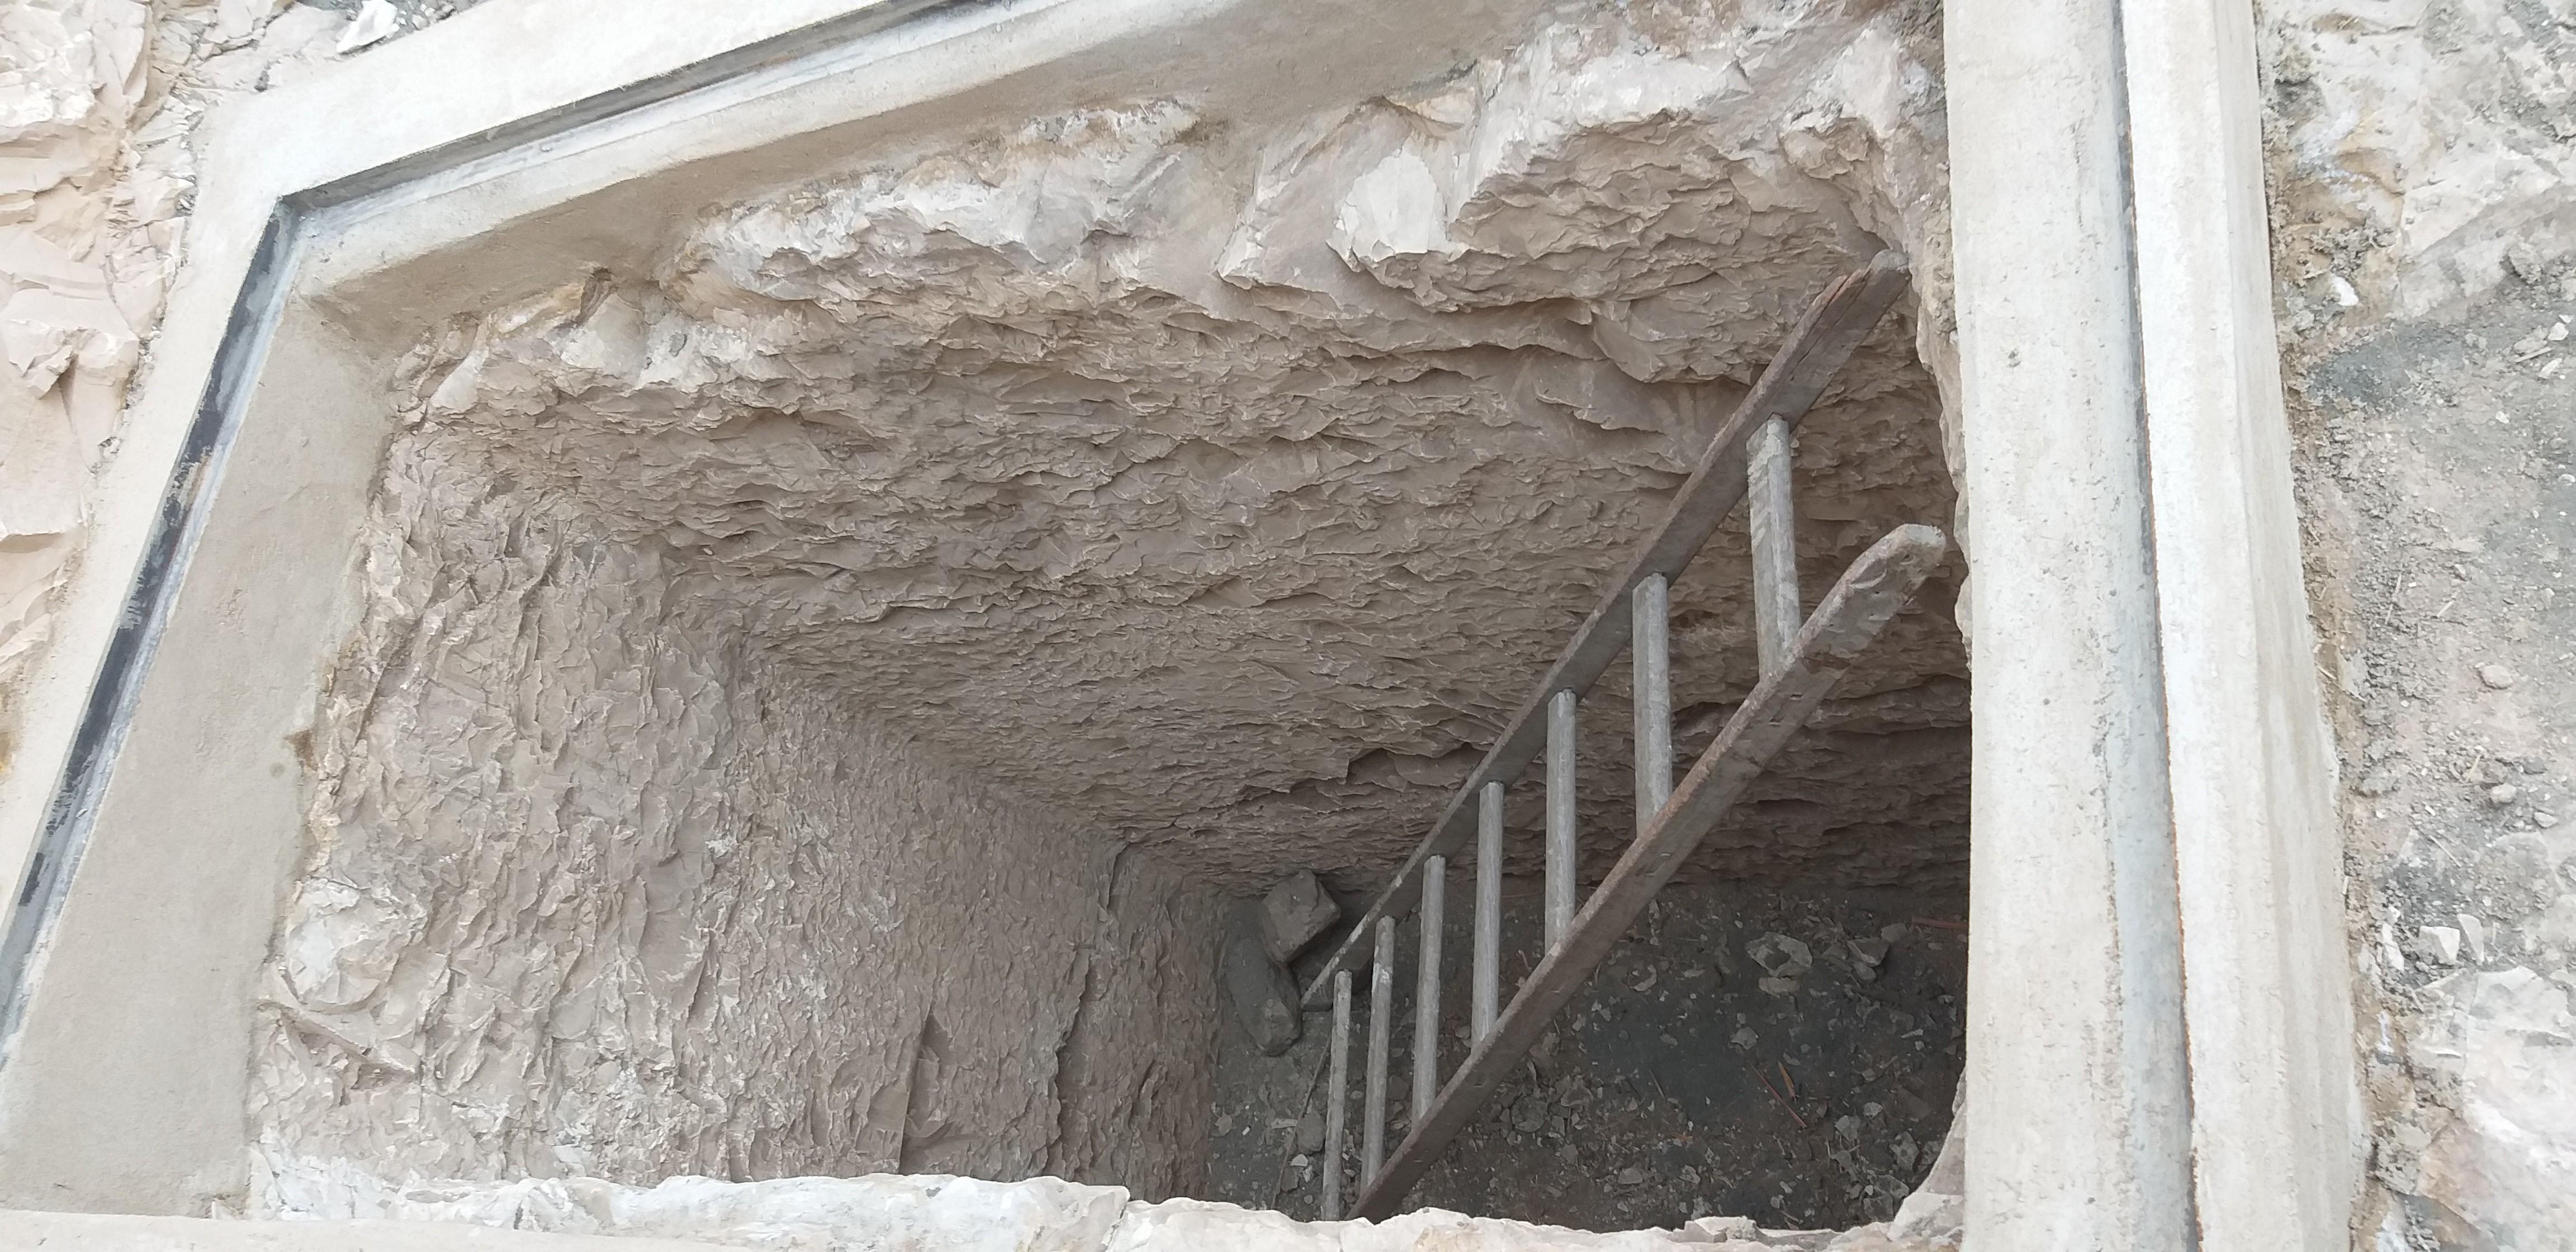 Imagem do poço de sacralização da tumba, onde eram depositadas as oferendas que transformavam um buraco na pedra em casa de transcendência do morto (Foto: Divulgação)